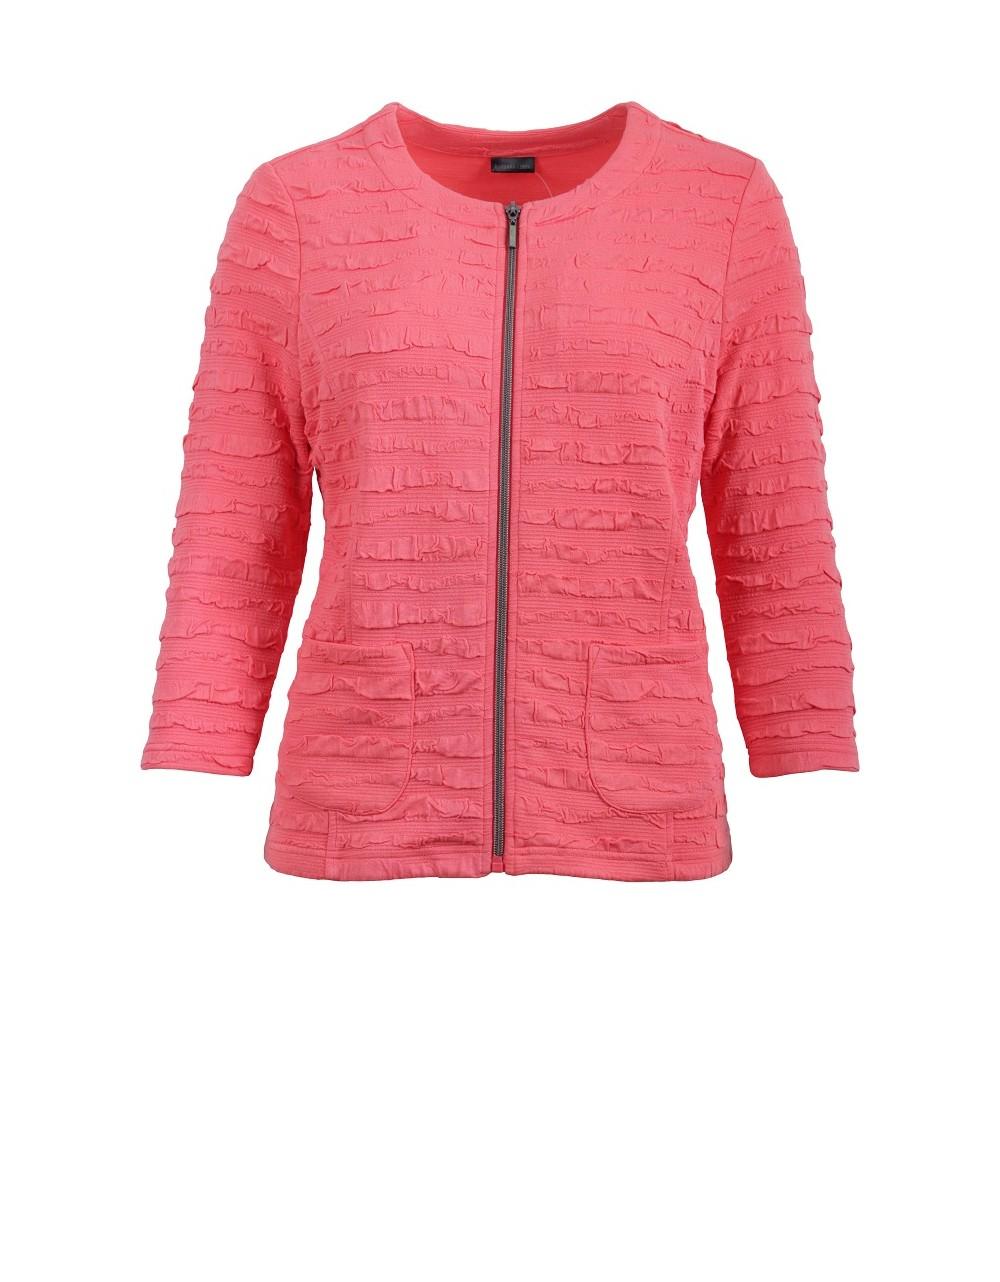 Lebek Coral Ruffle Jacket|Lebek Clothing|58080002|Irish Handcrafts